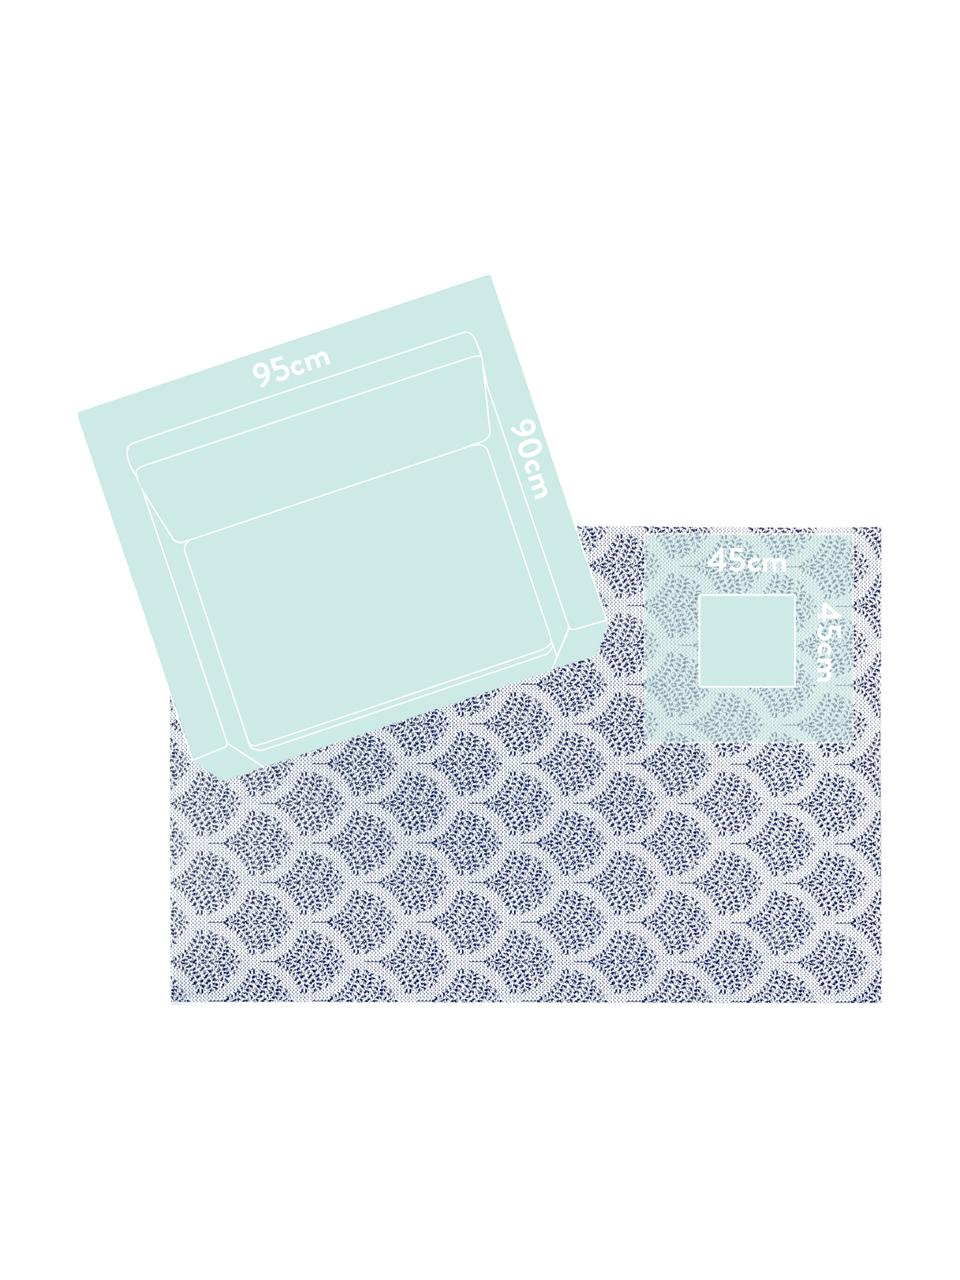 Gemusterter In- & Outdoor-Teppich Stan in Blau/Weiß, 100% Polypropylen, Blau, Weiß, B 200 x L 290 cm (Größe L)